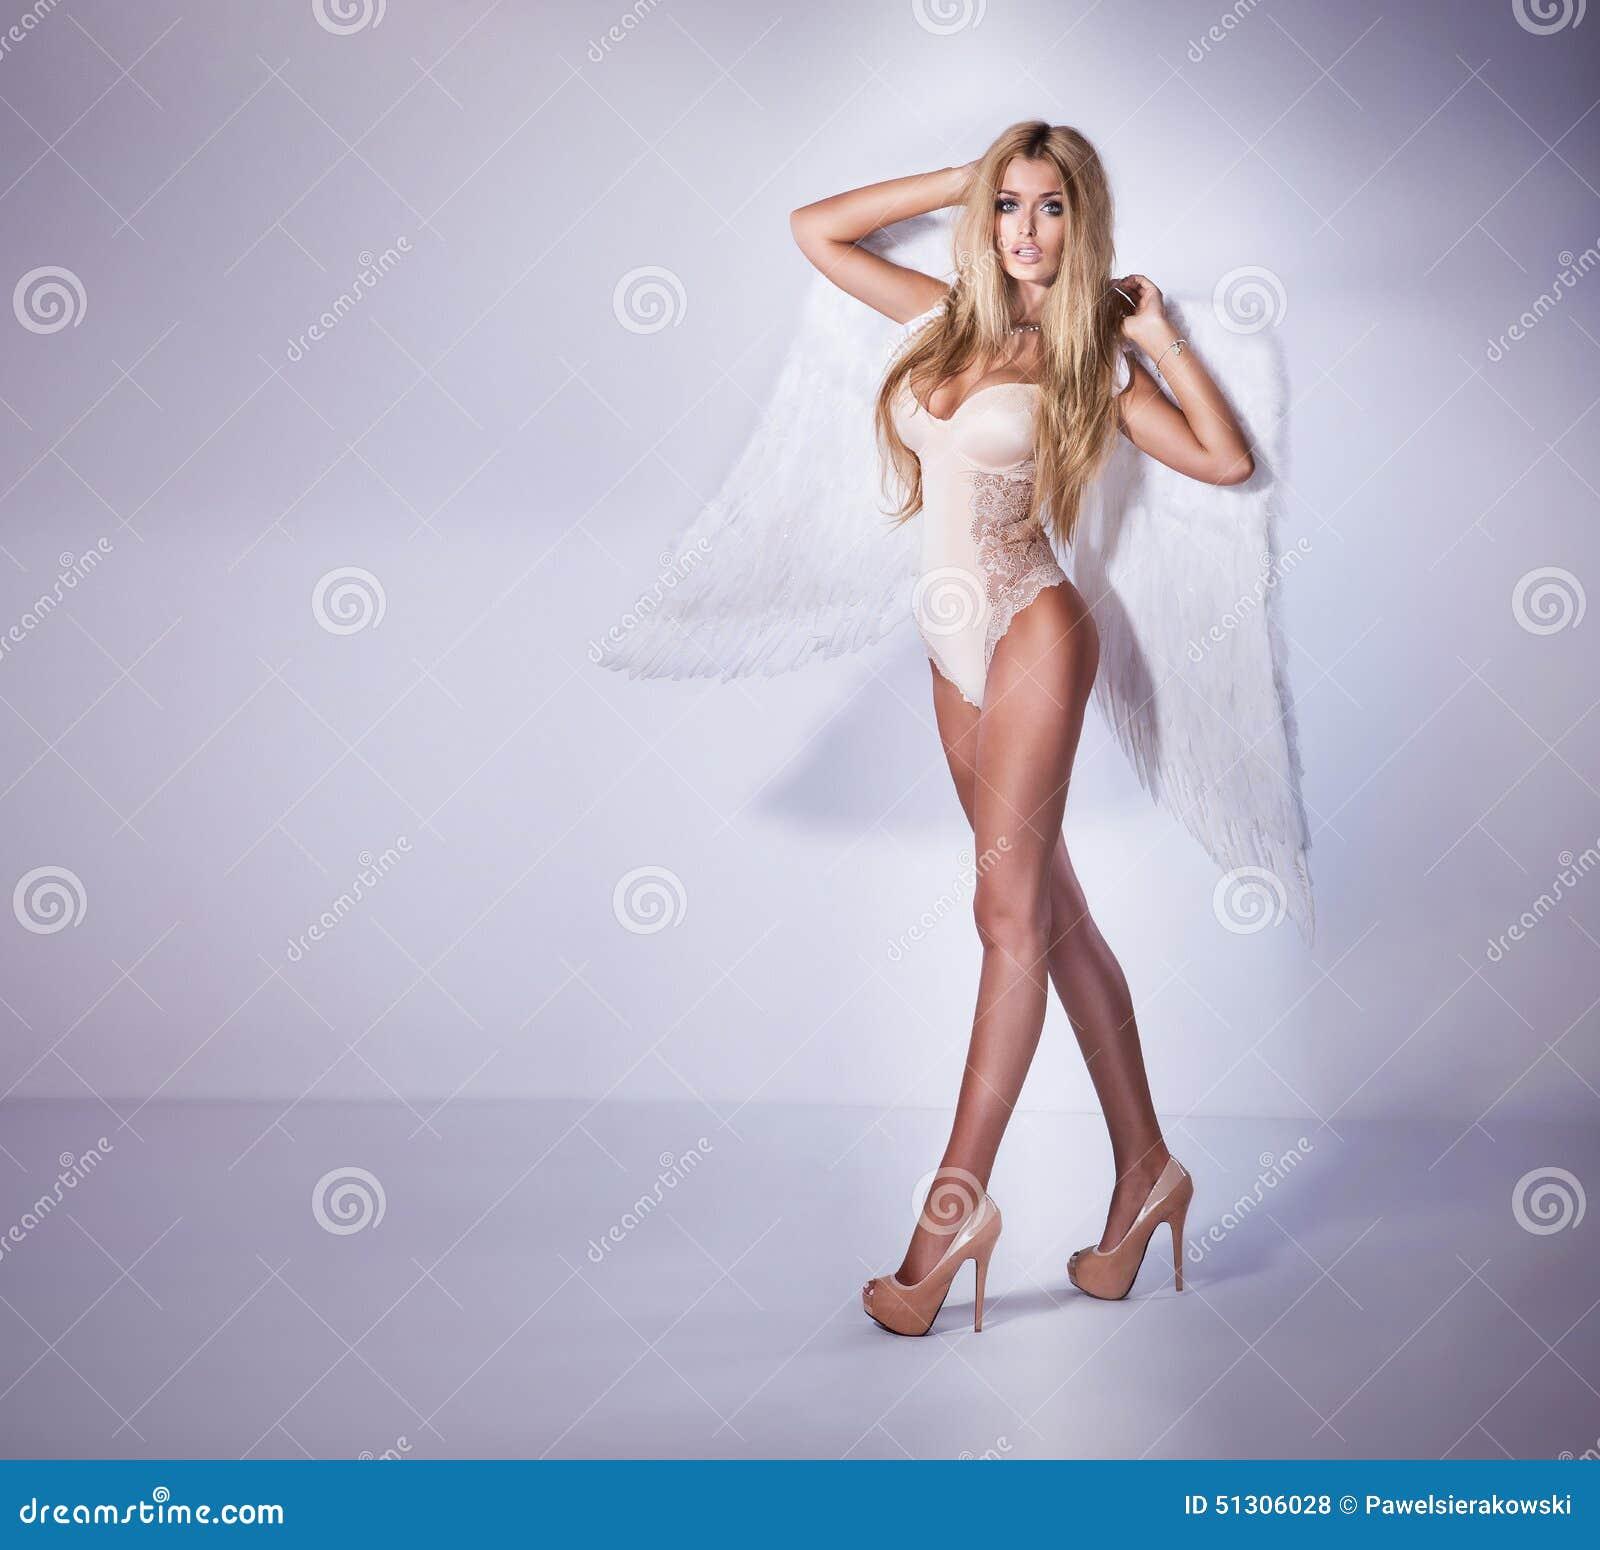 Nudists naturists photos